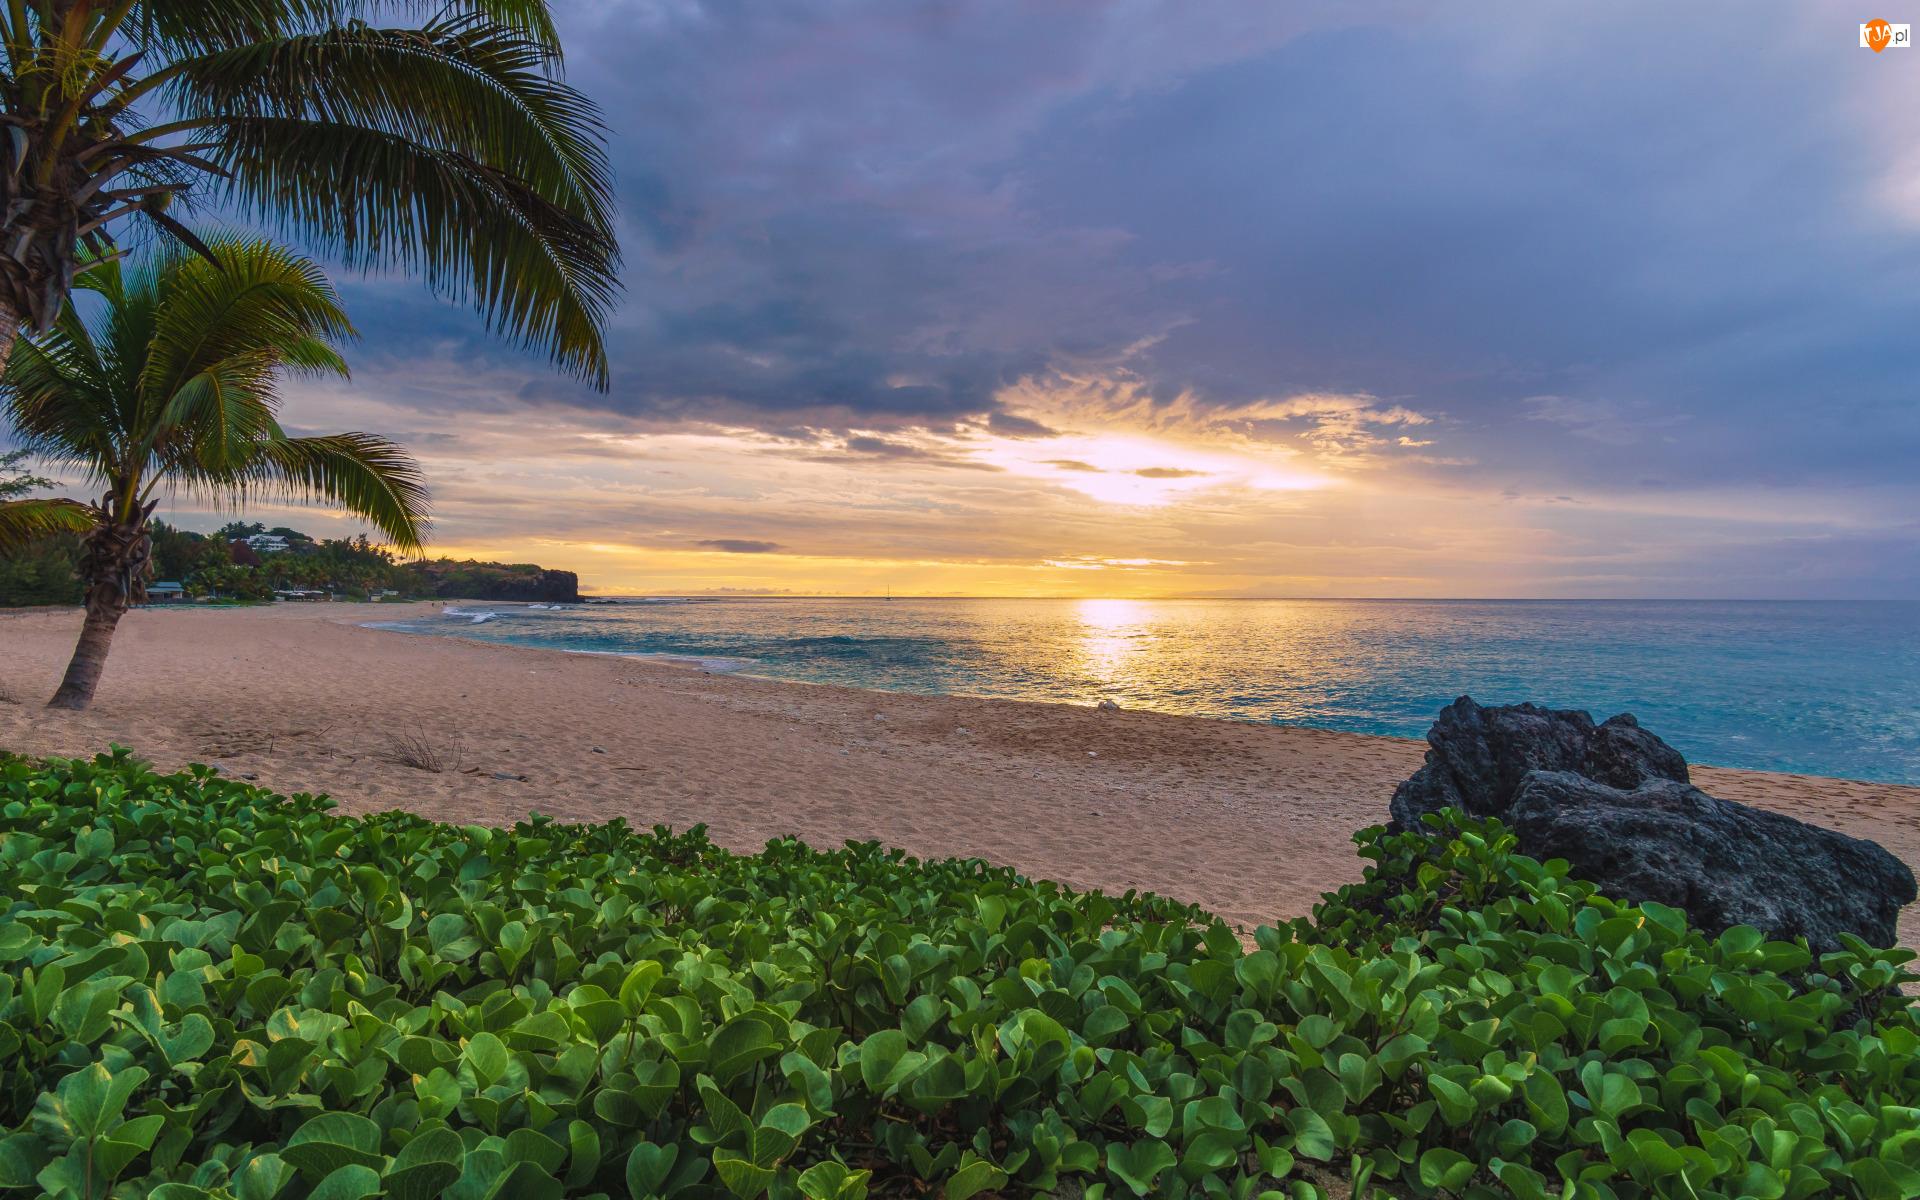 Morze, Piasek, Wschód słońca, Roślinność, Plaża, Palmy